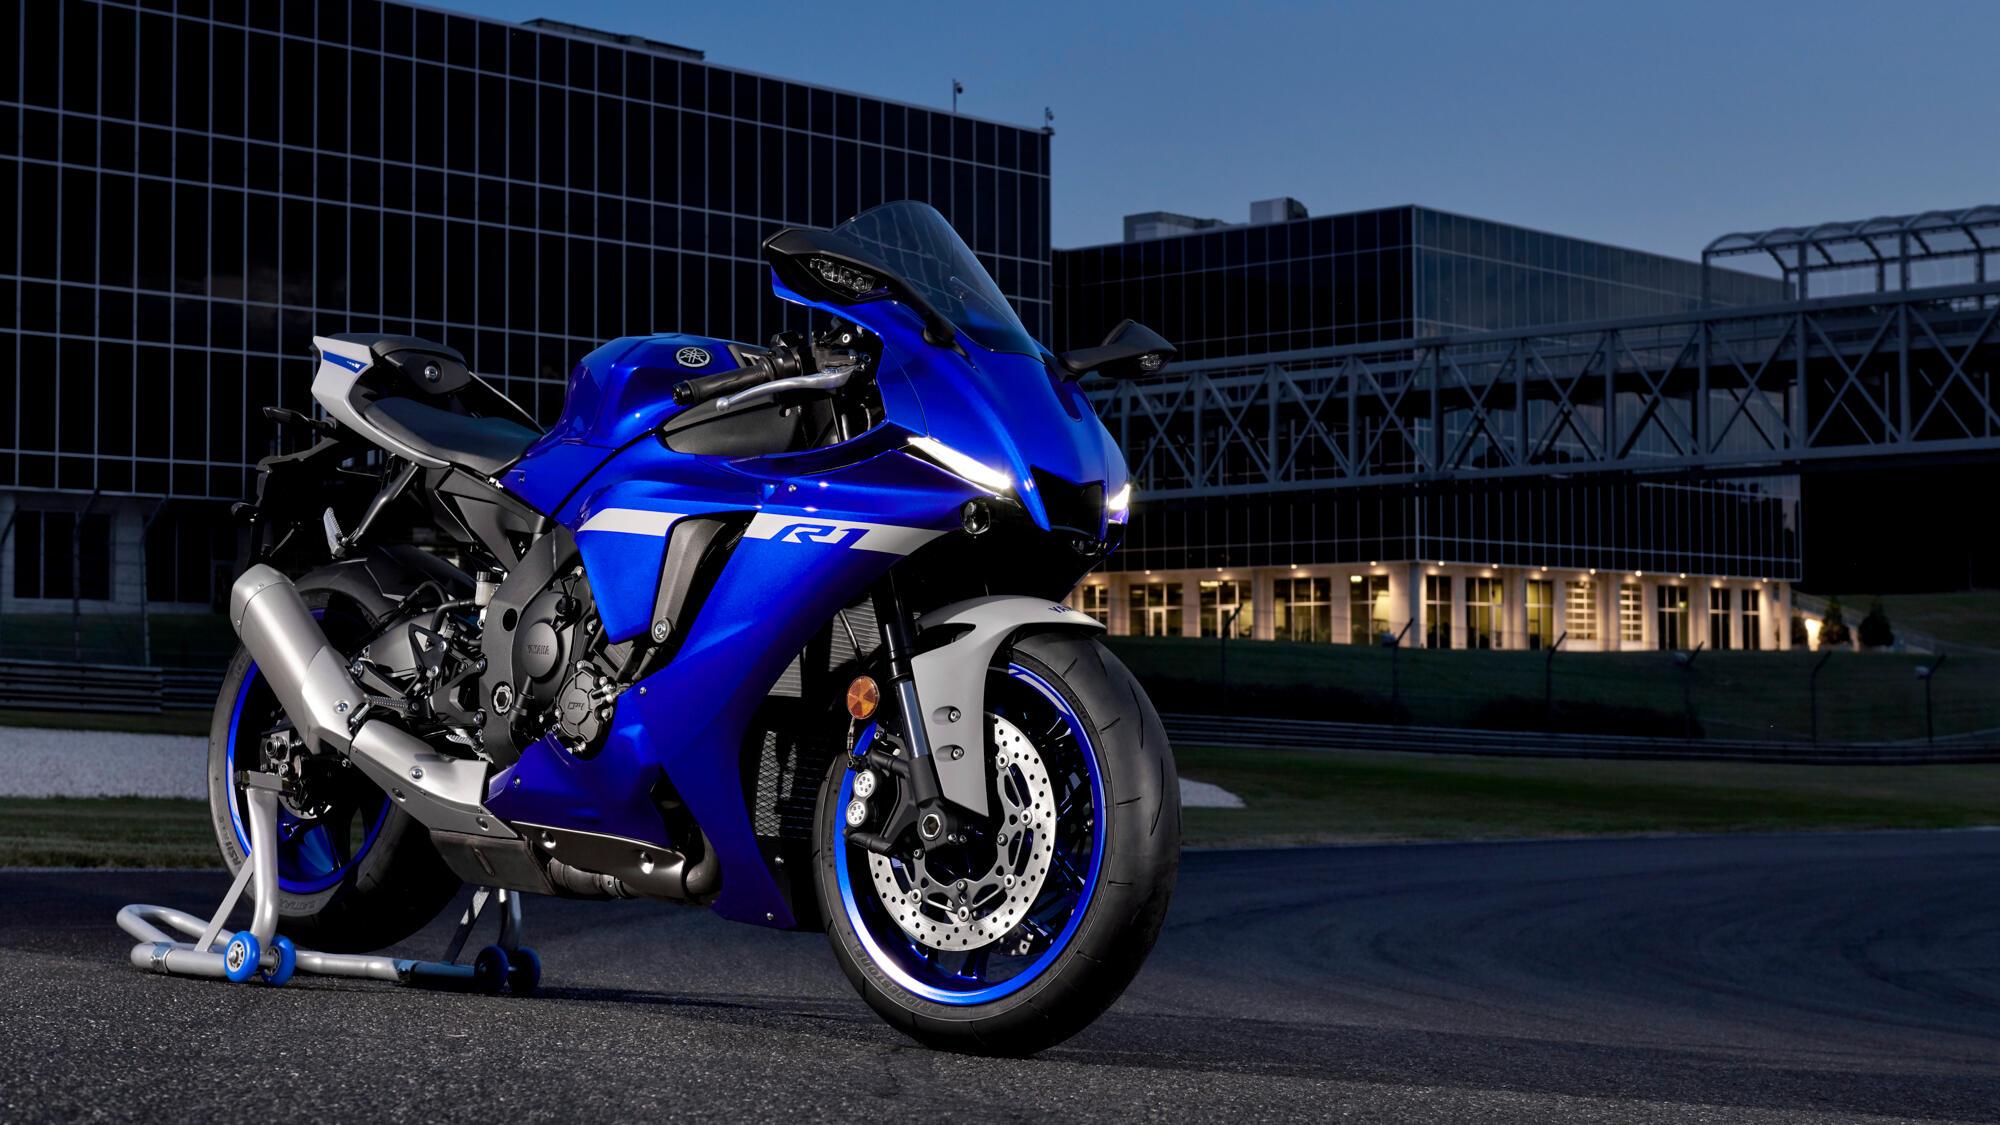 R1 - motorcycles - Yamaha Motor